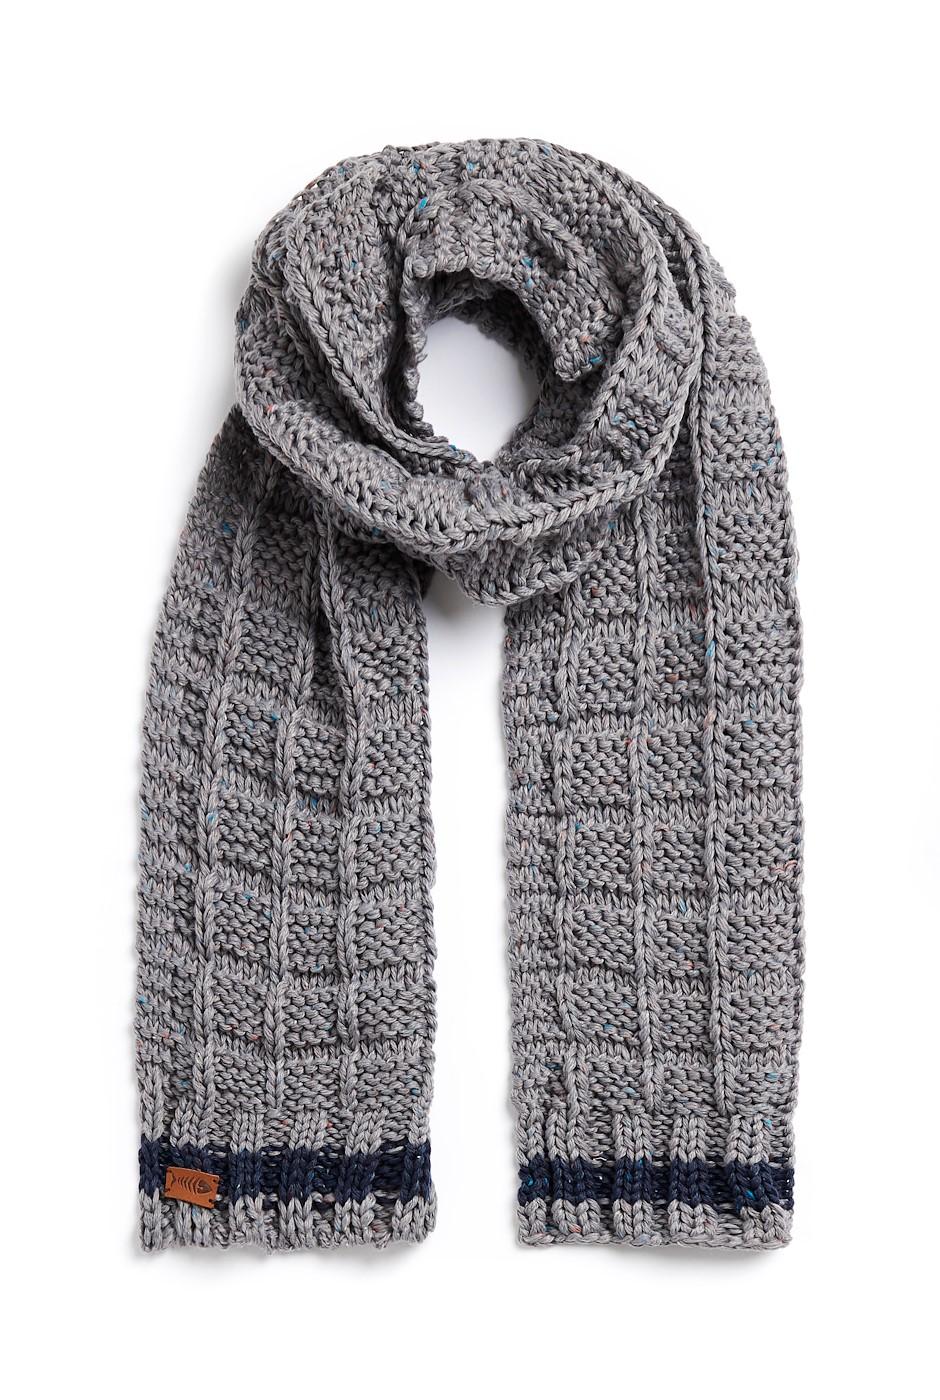 Nishin Eco Nepp Textured Stitch Scarf Frost Grey